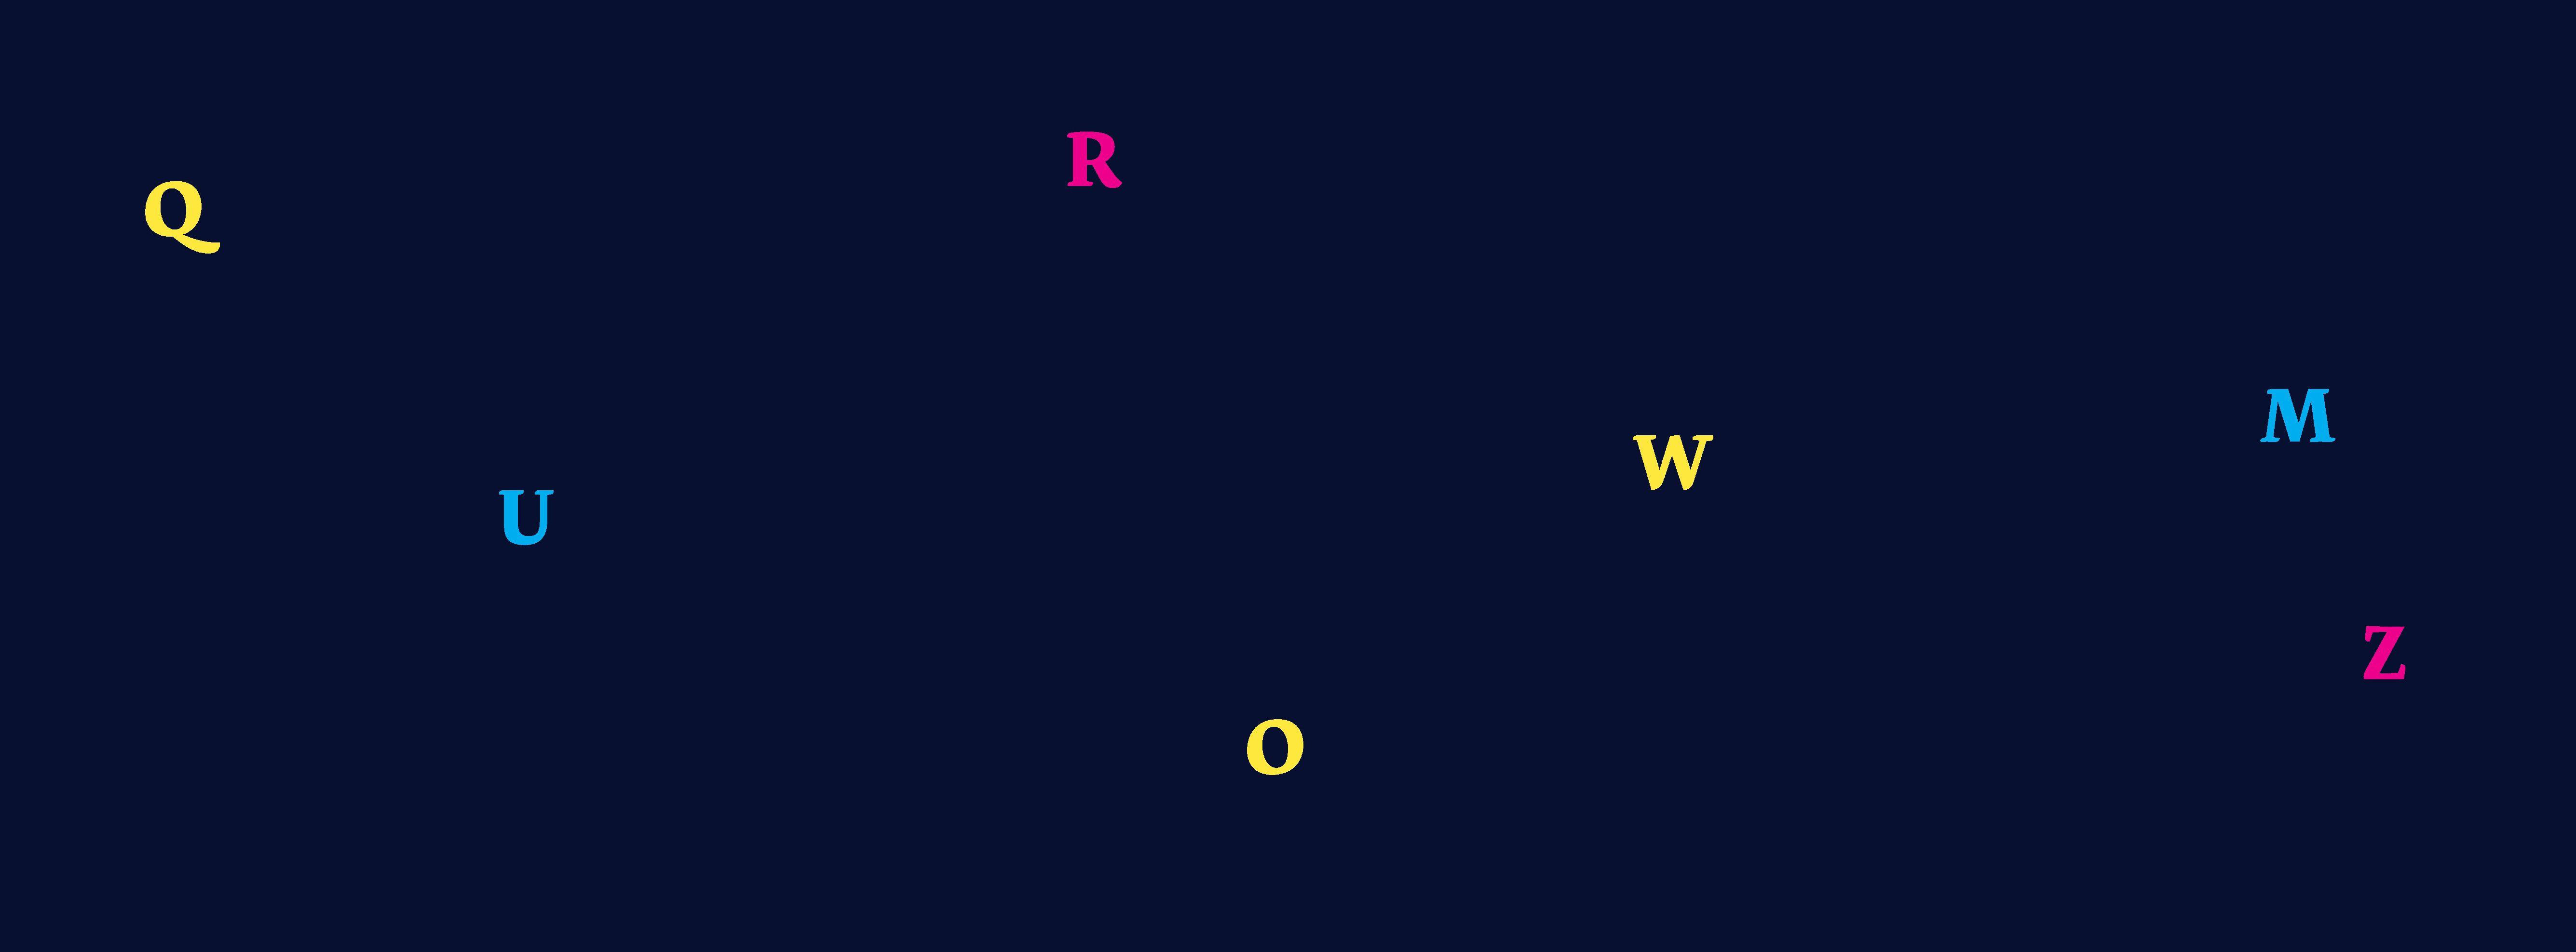 Nieuw Tzum | Recensie: De mooiste gedichten van de wereld - Tzum TF-85